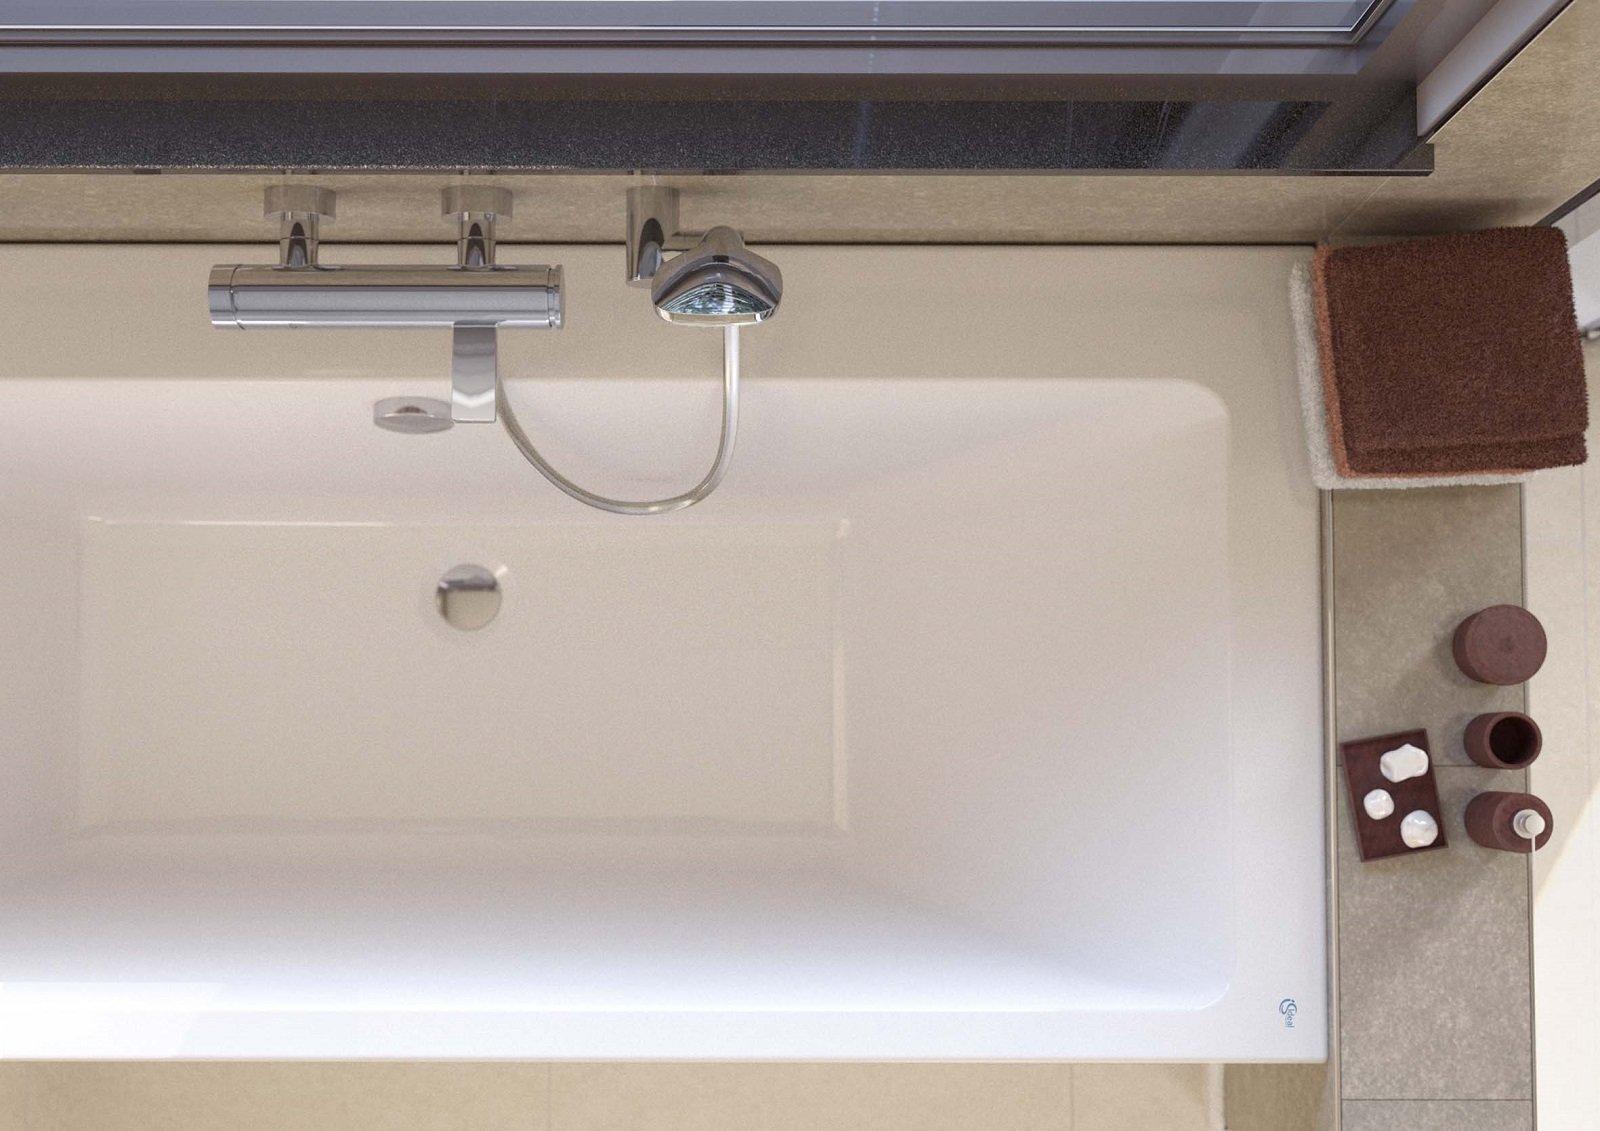 Cosa Significa Vasca Da Bagno In Inglese : Da incasso o da libero posizionamento le vasche di misura